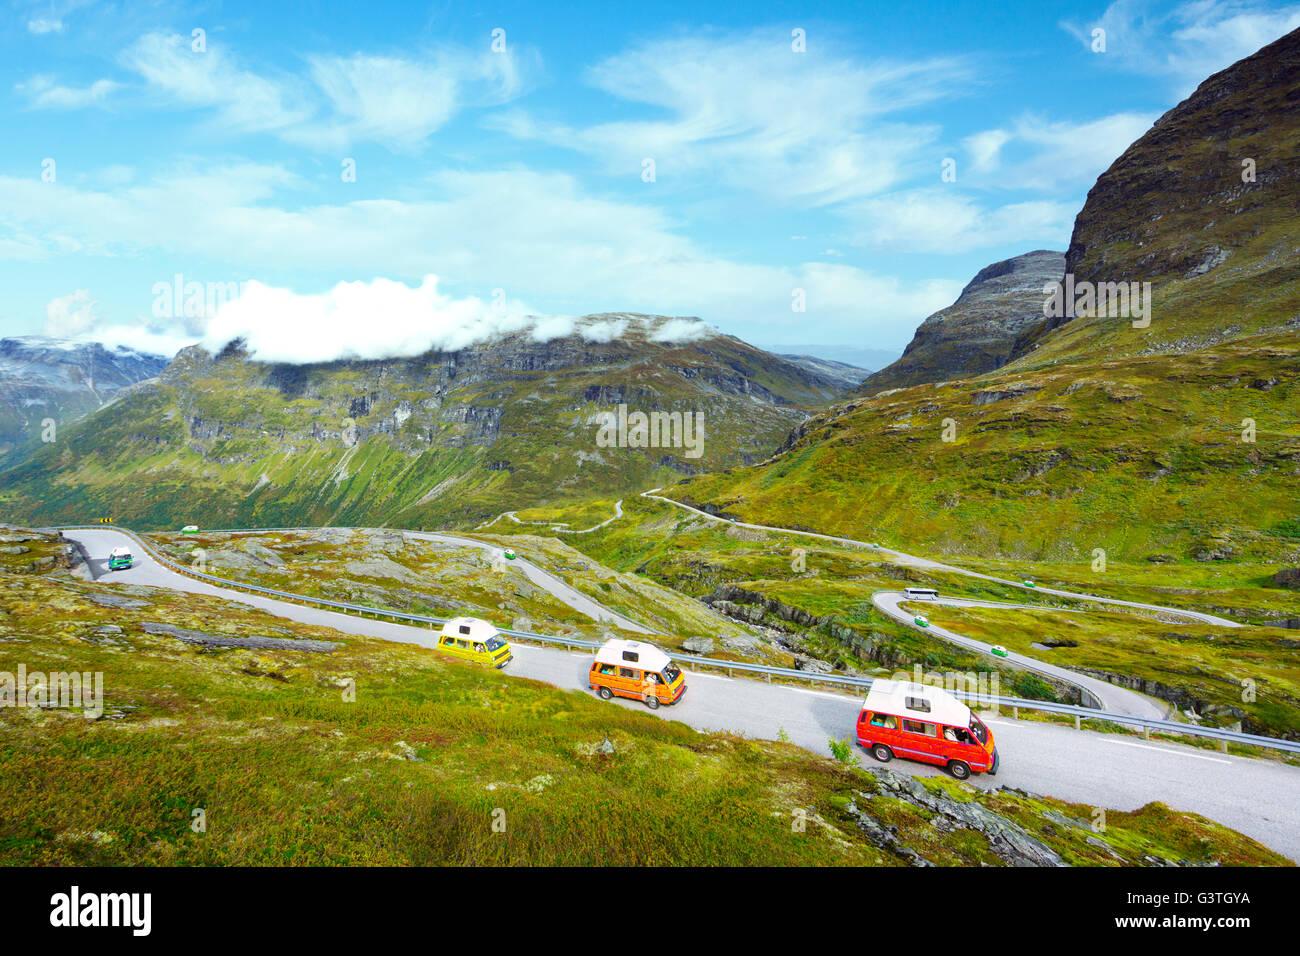 Noruega More og Romsdal, Sunnmore, vista elevada de vehículos en carretera de montaña Imagen De Stock